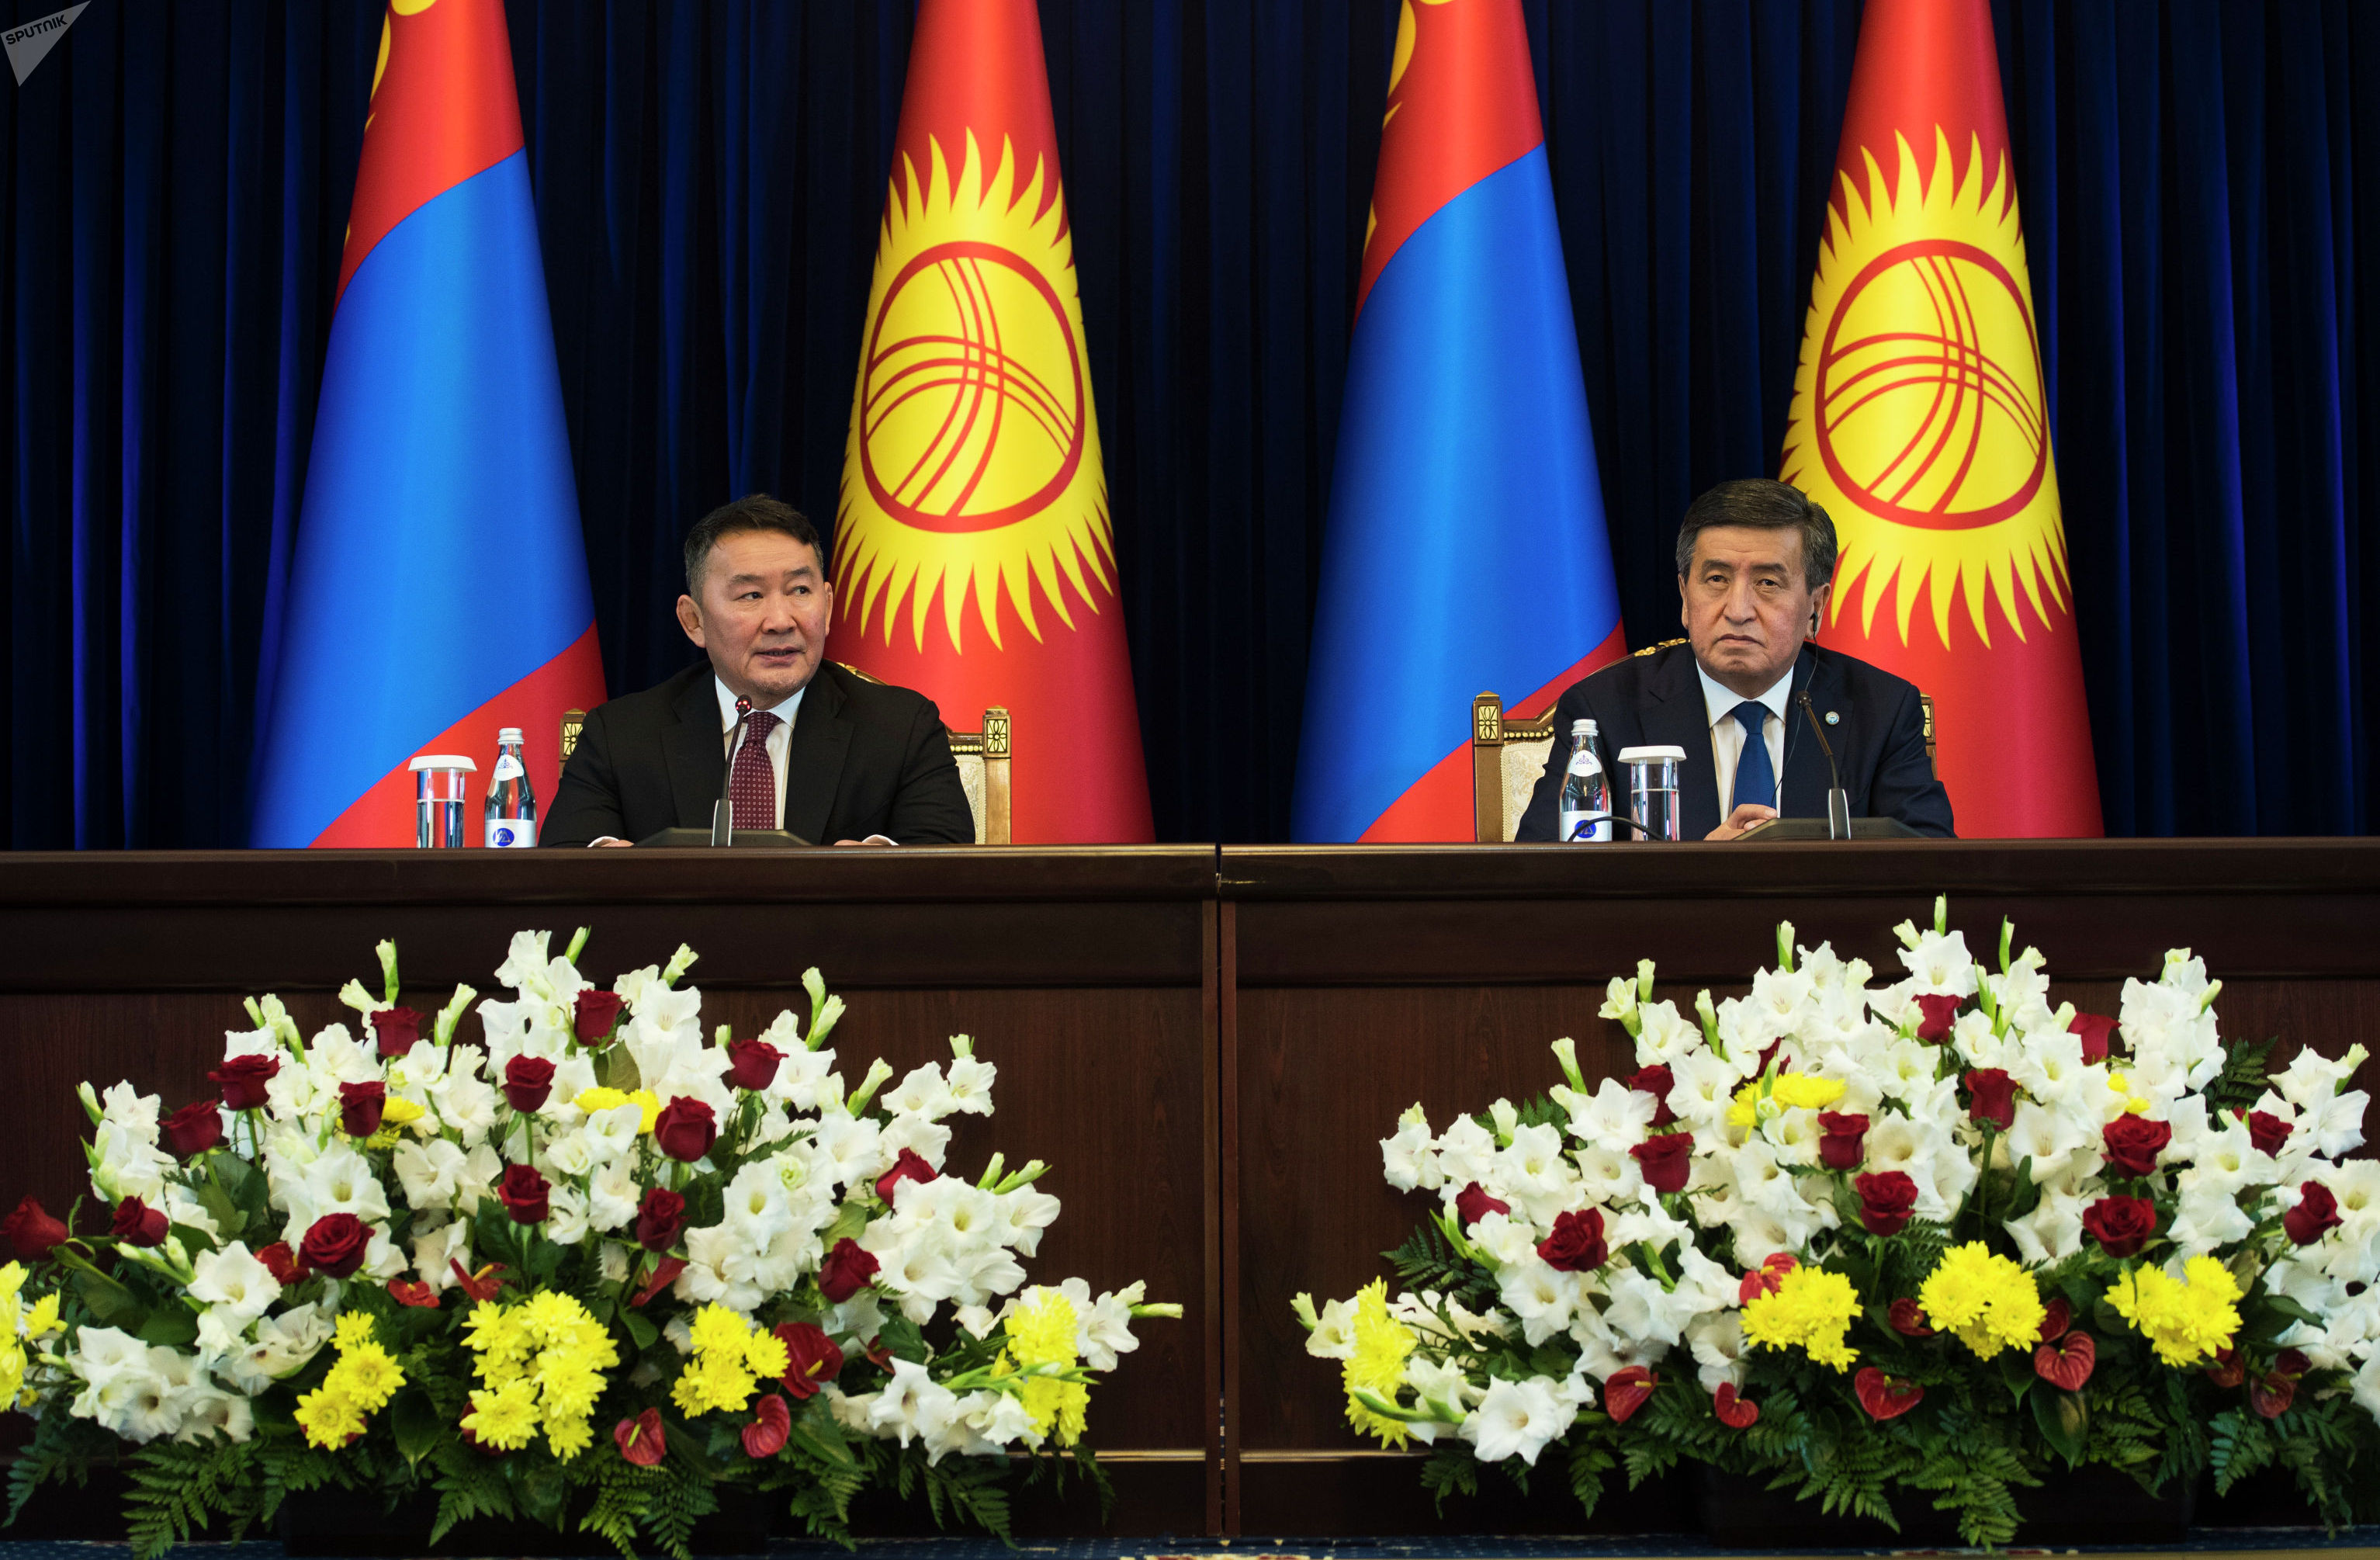 Среди подписанных соглашений есть документ о сотрудничестве в борьбе с терроризмом и в военной области